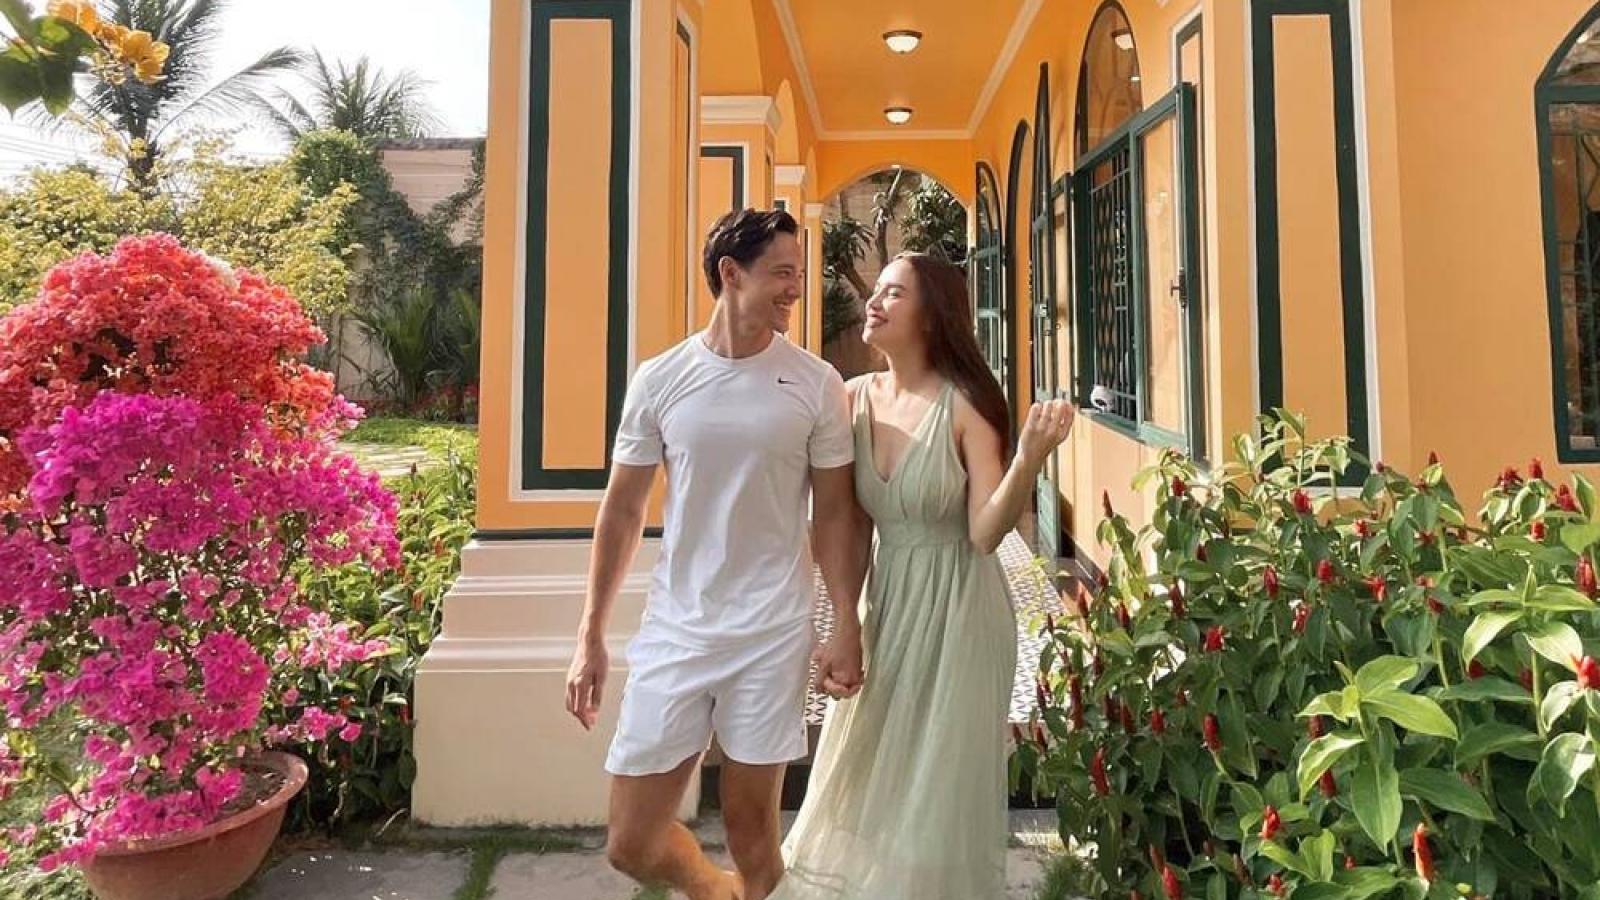 Chuyện showbiz: Hồ Ngọc Hà tình tứ nắm tay Kim Lý đi du xuân đầu năm